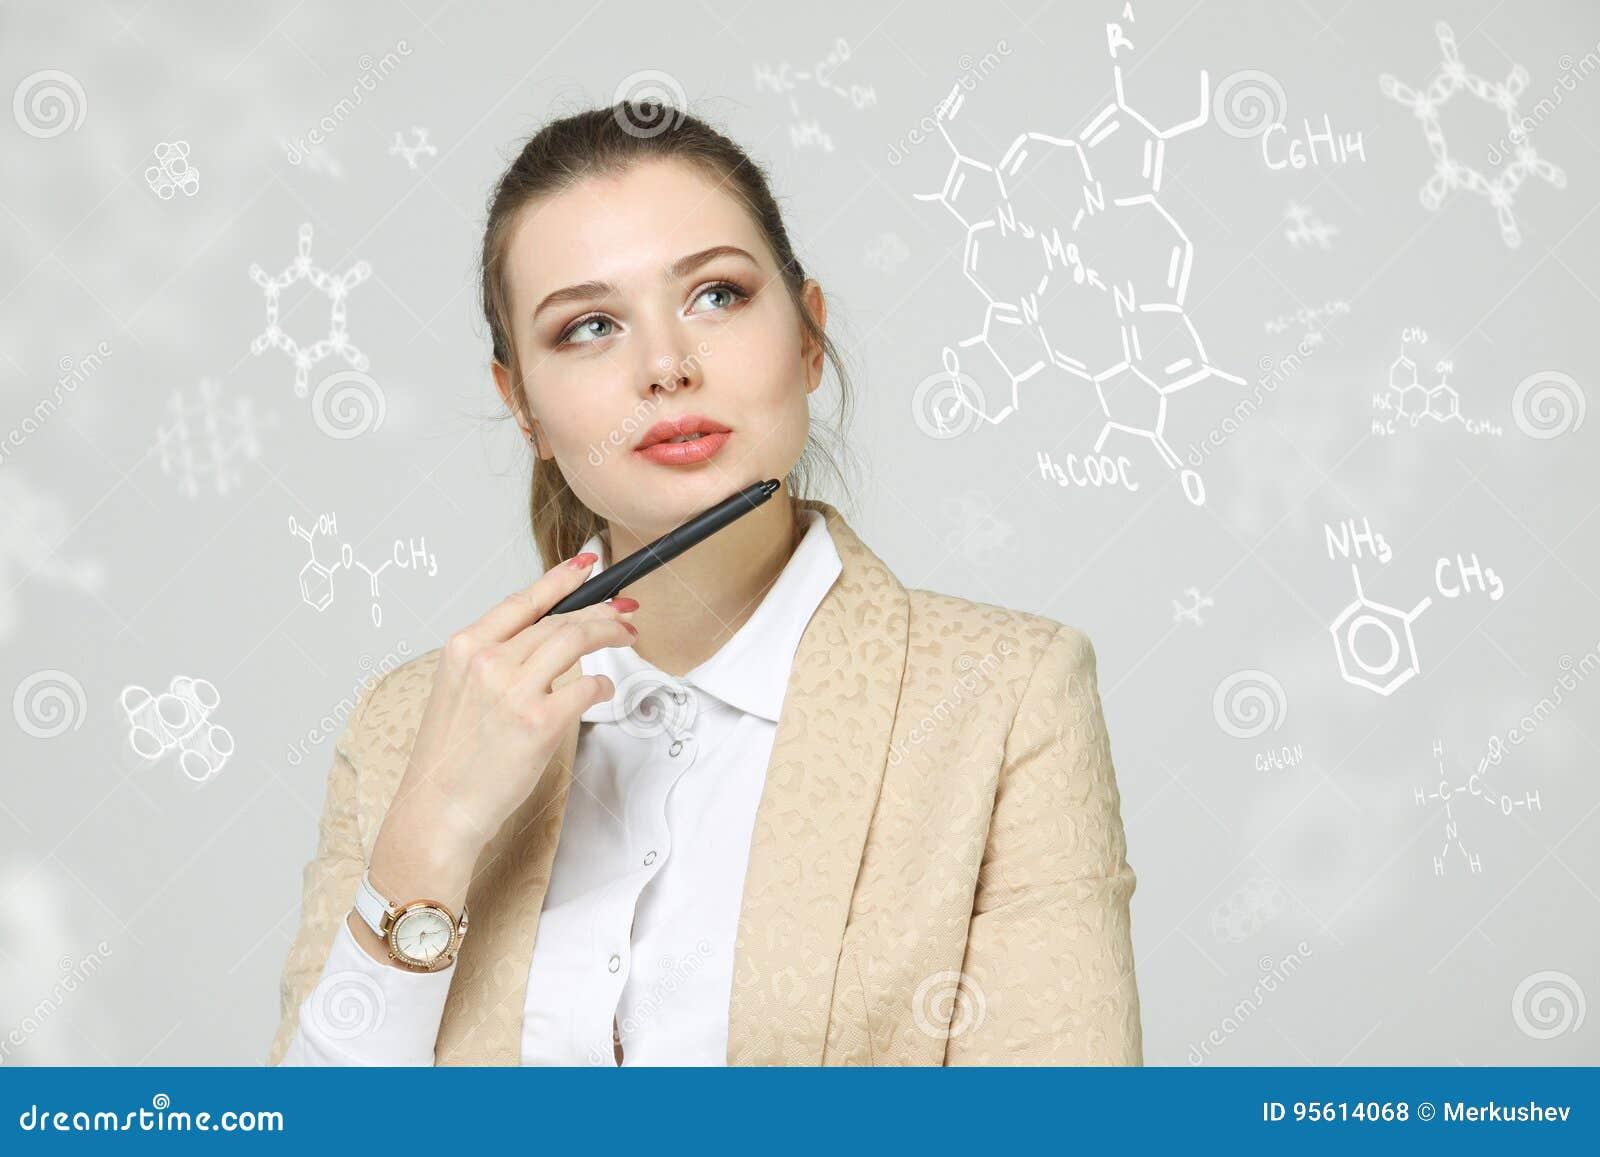 Φαρμακοποιός γυναικών με stylus ή μάνδρα που λειτουργεί με τους χημικούς τύπους στο γκρίζο υπόβαθρο